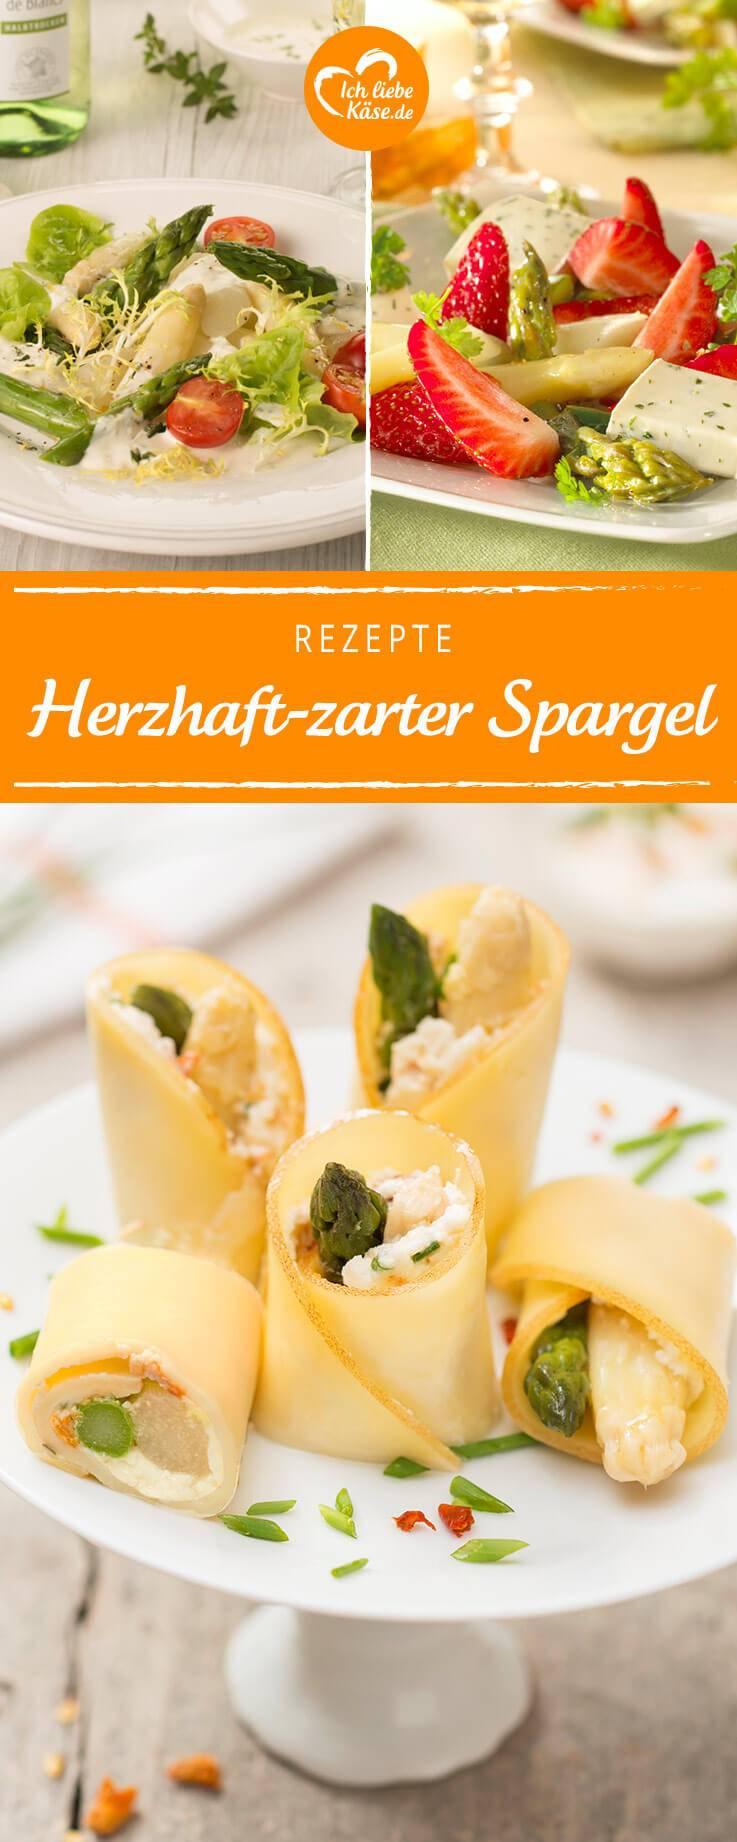 Spargelrezepte auf Pinterest - natürlich mit leckerem Käse